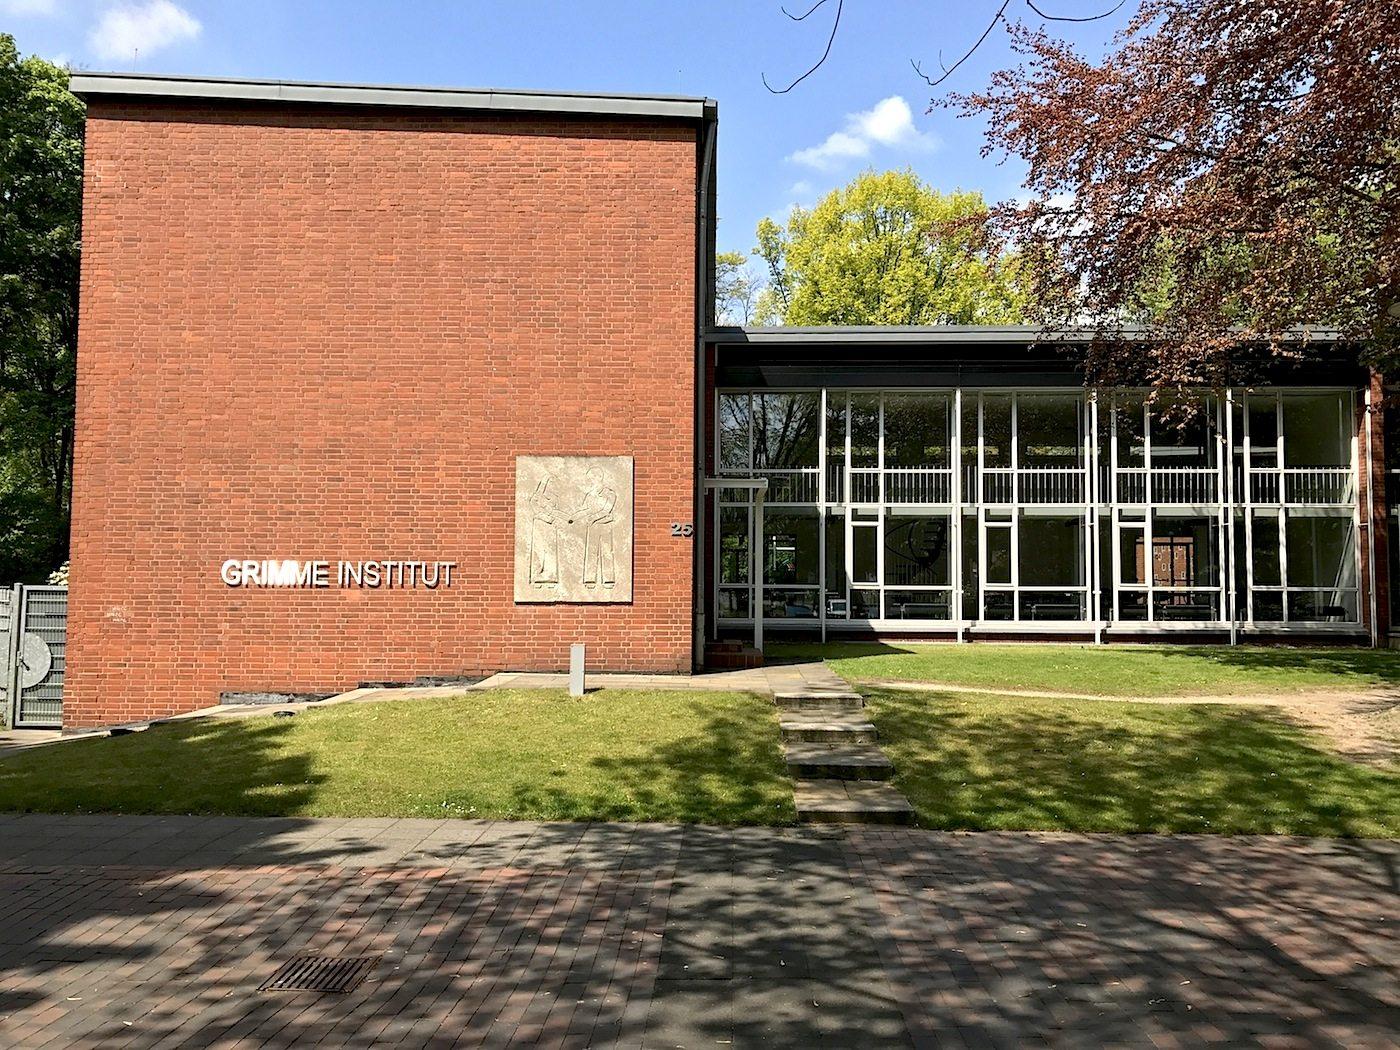 Grimme-Institut. ... gleichzeitig die modernste Volkshochschule der Bundesrepublik Deutschland.